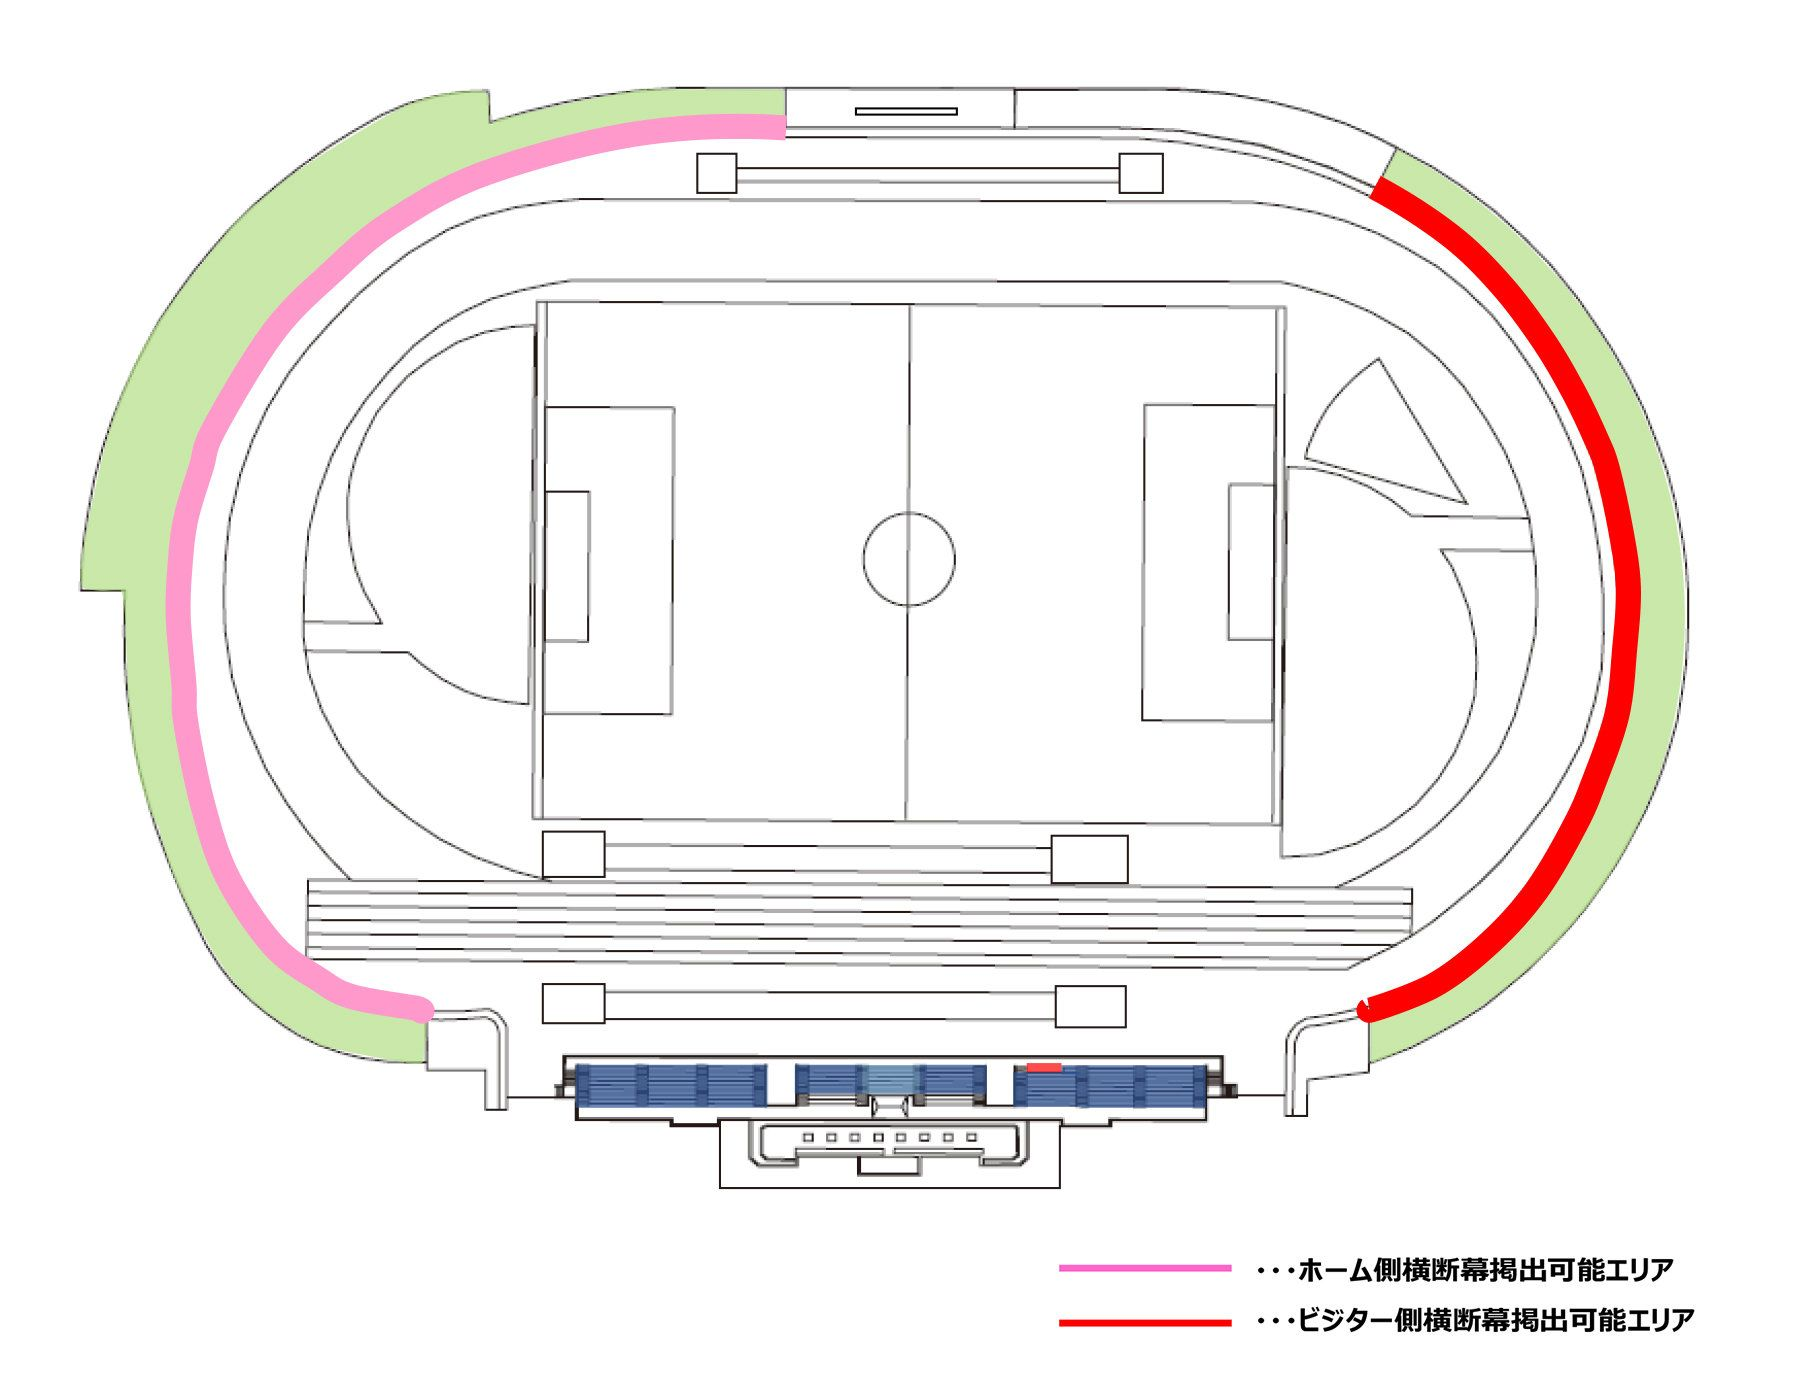 多摩市立陸上競技場 座席案内図:画像